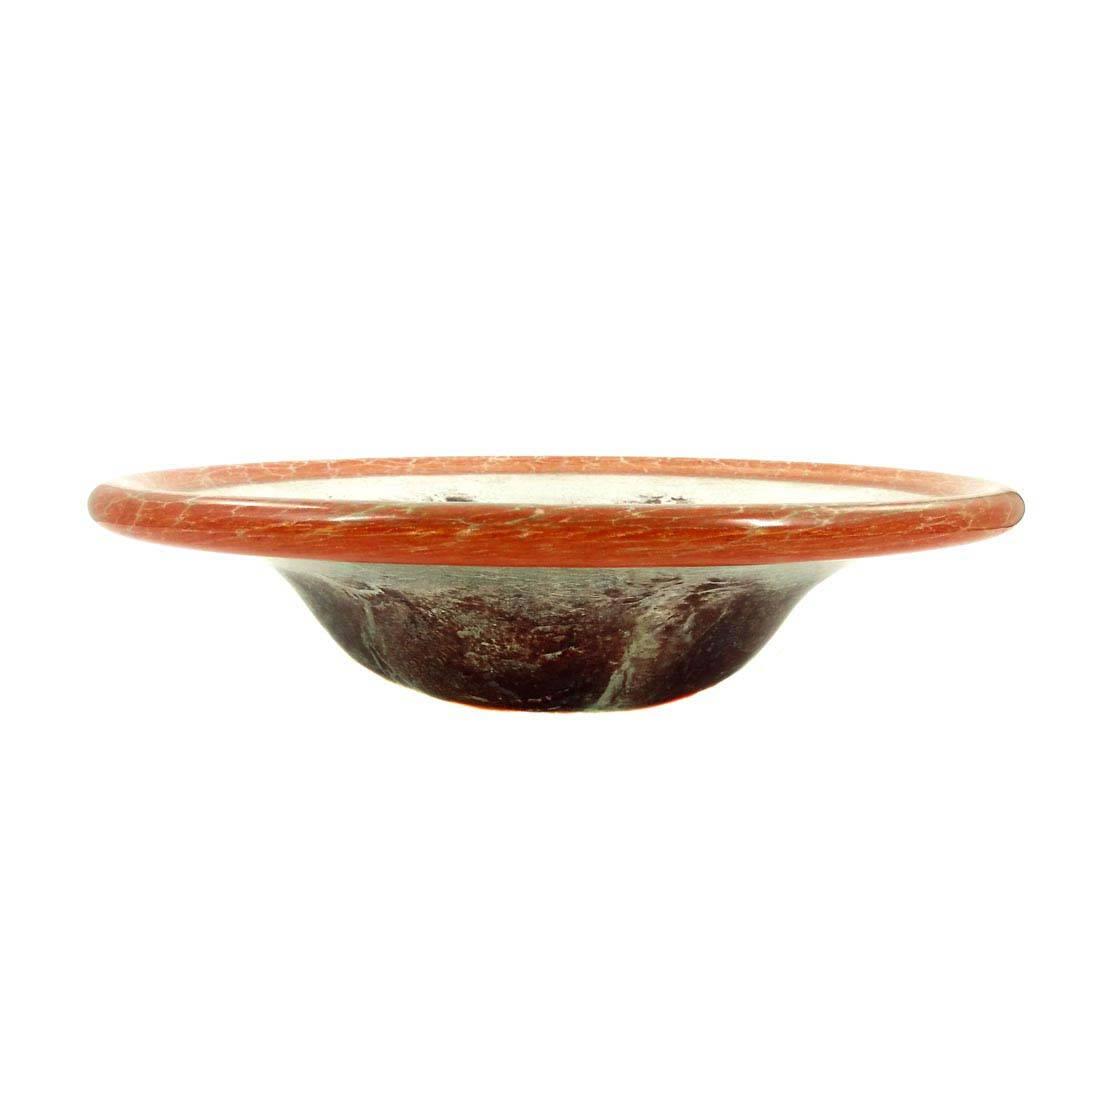 wmf wmf ikora schale 34cm in orange rot antikes glas neuwirth. Black Bedroom Furniture Sets. Home Design Ideas